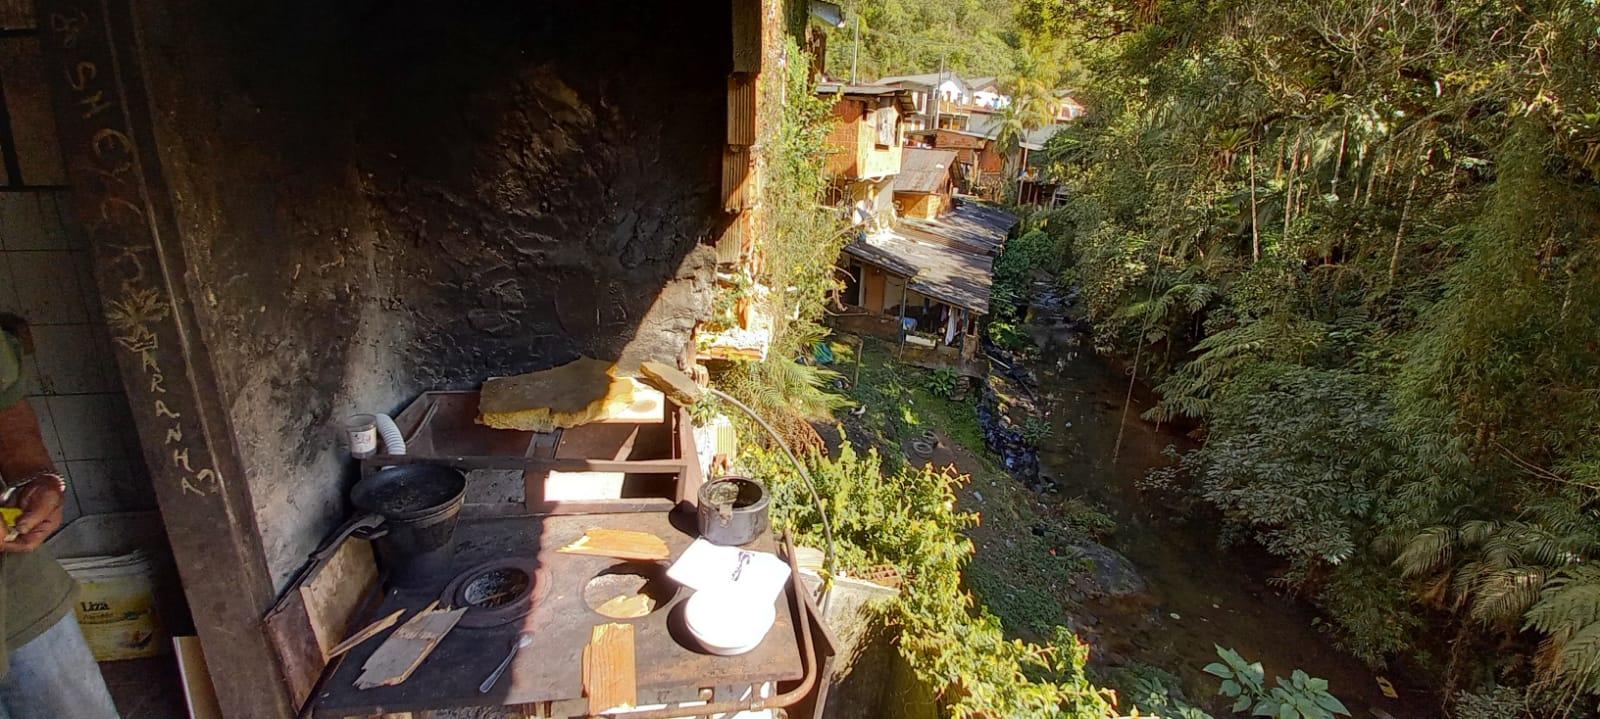 Casas de extrema vulnerabilidade à beira do Rio Santo Antônio, em Debossan (Fotos: Cruz Vermelha de Friburgo)